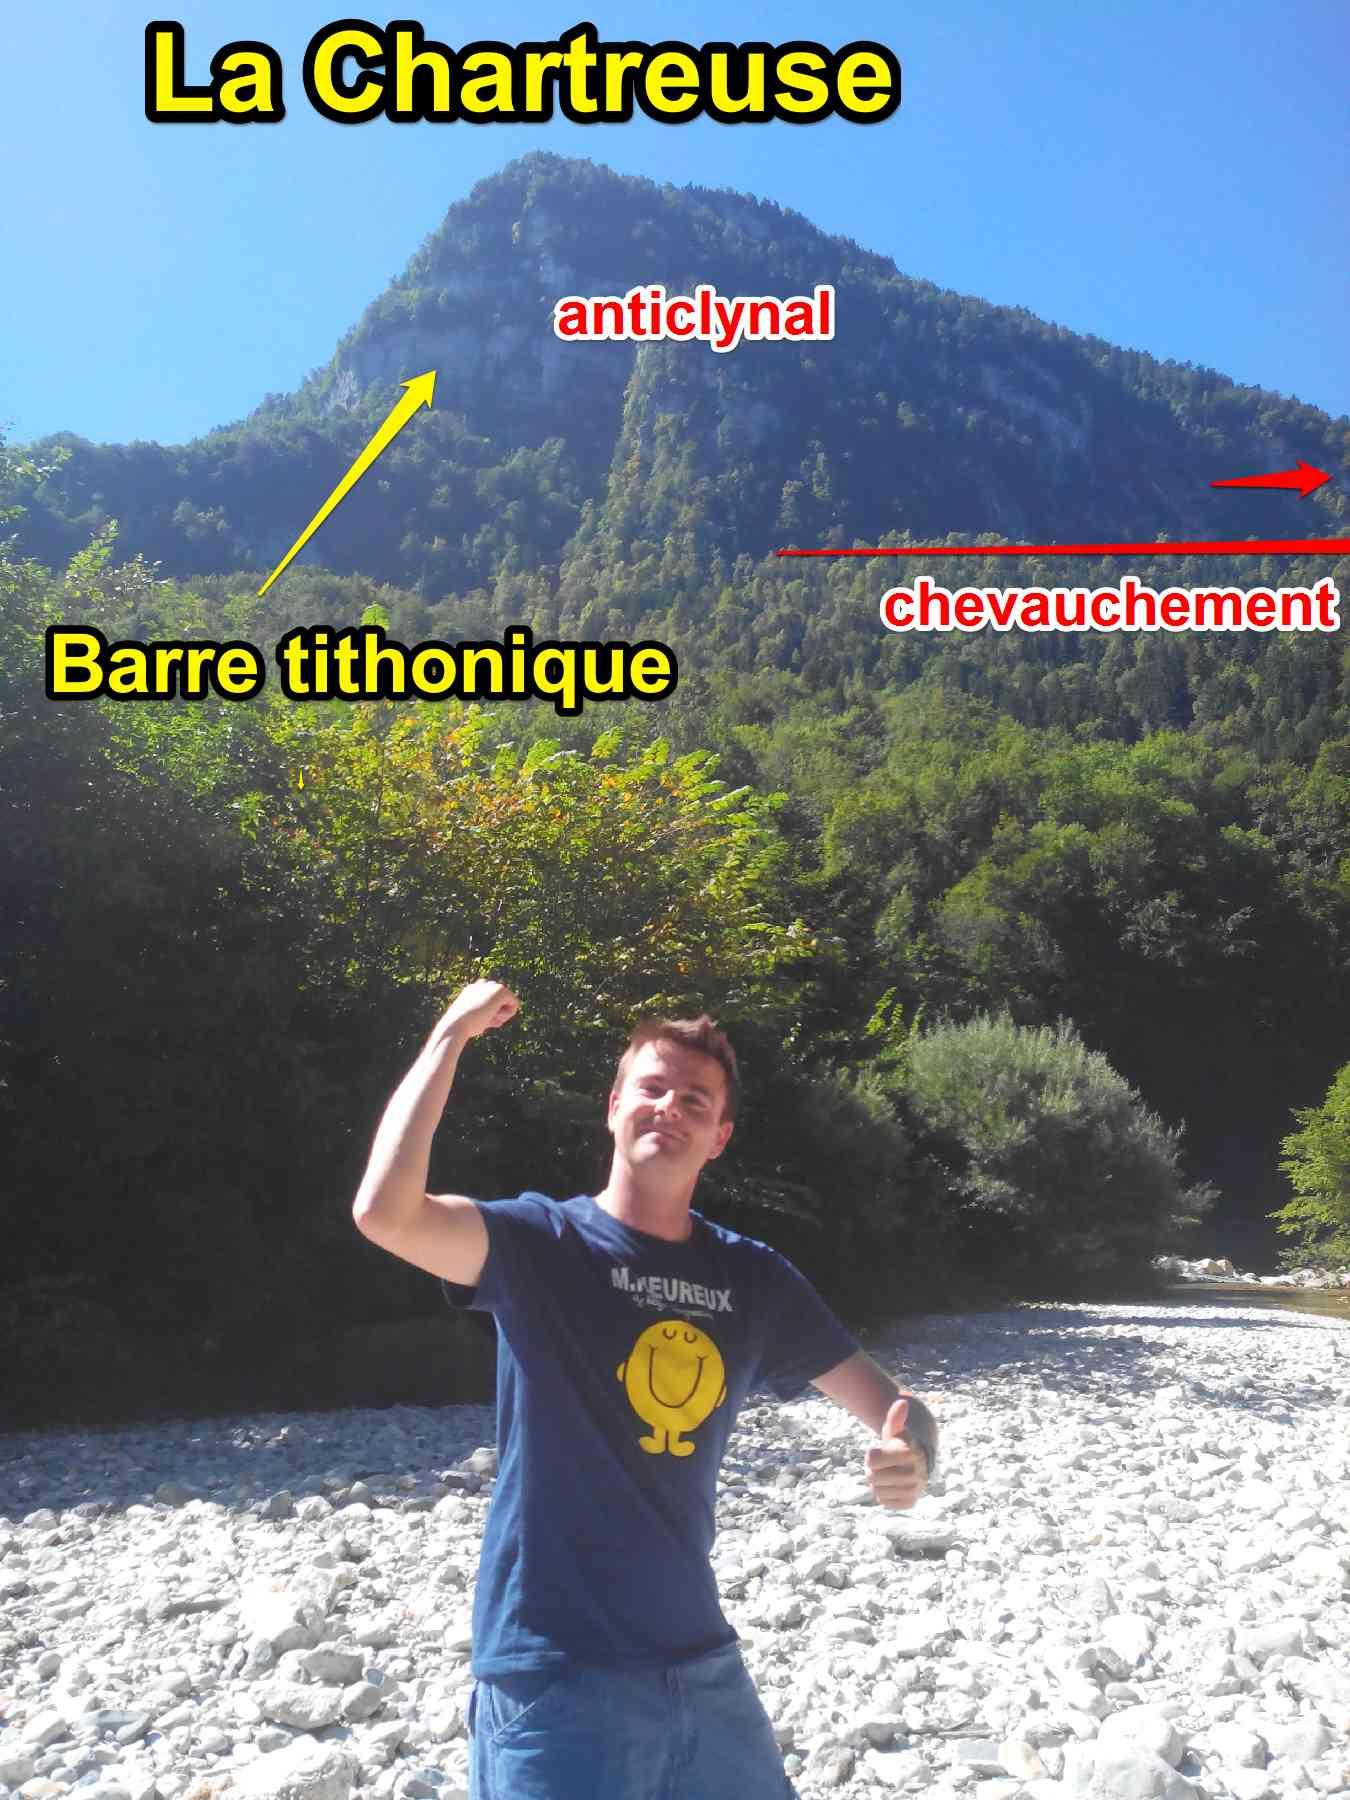 La Chartreuse barre tithonique anticlynal chevauchement SVT géologie